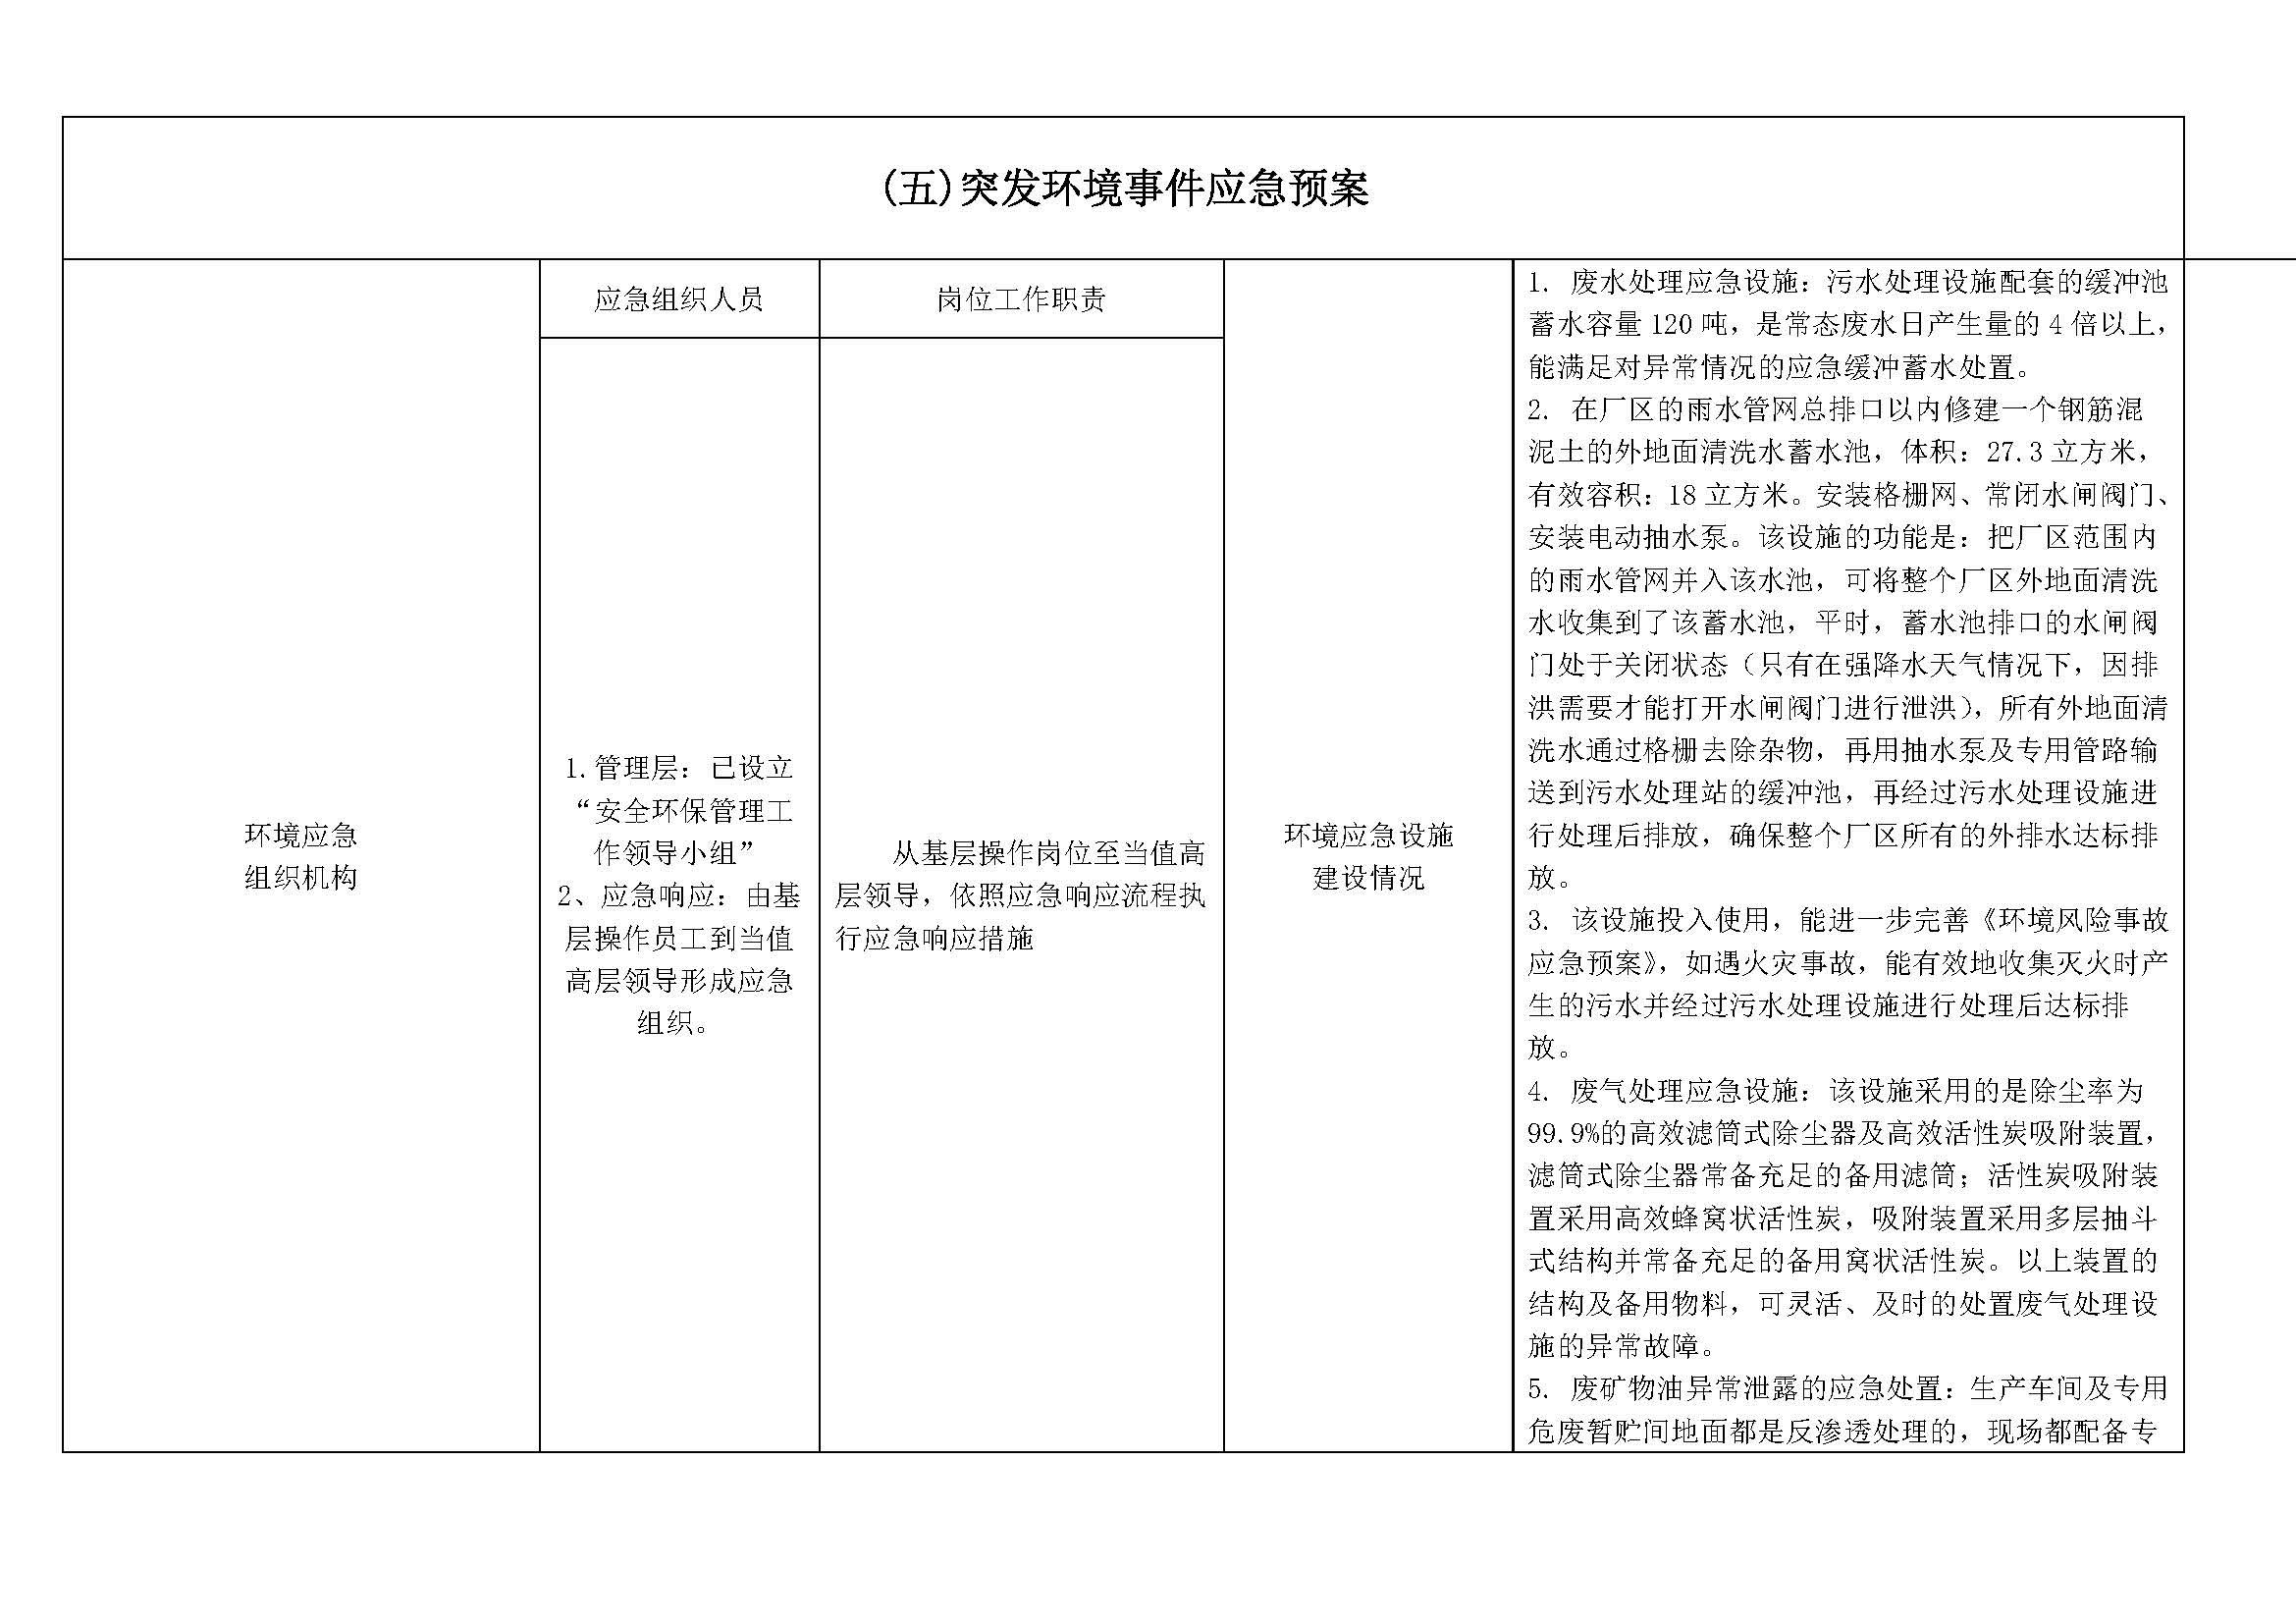 重点排污单位信息公开情况表(2020年度公示版护堤路)_页面_4(1).jpg